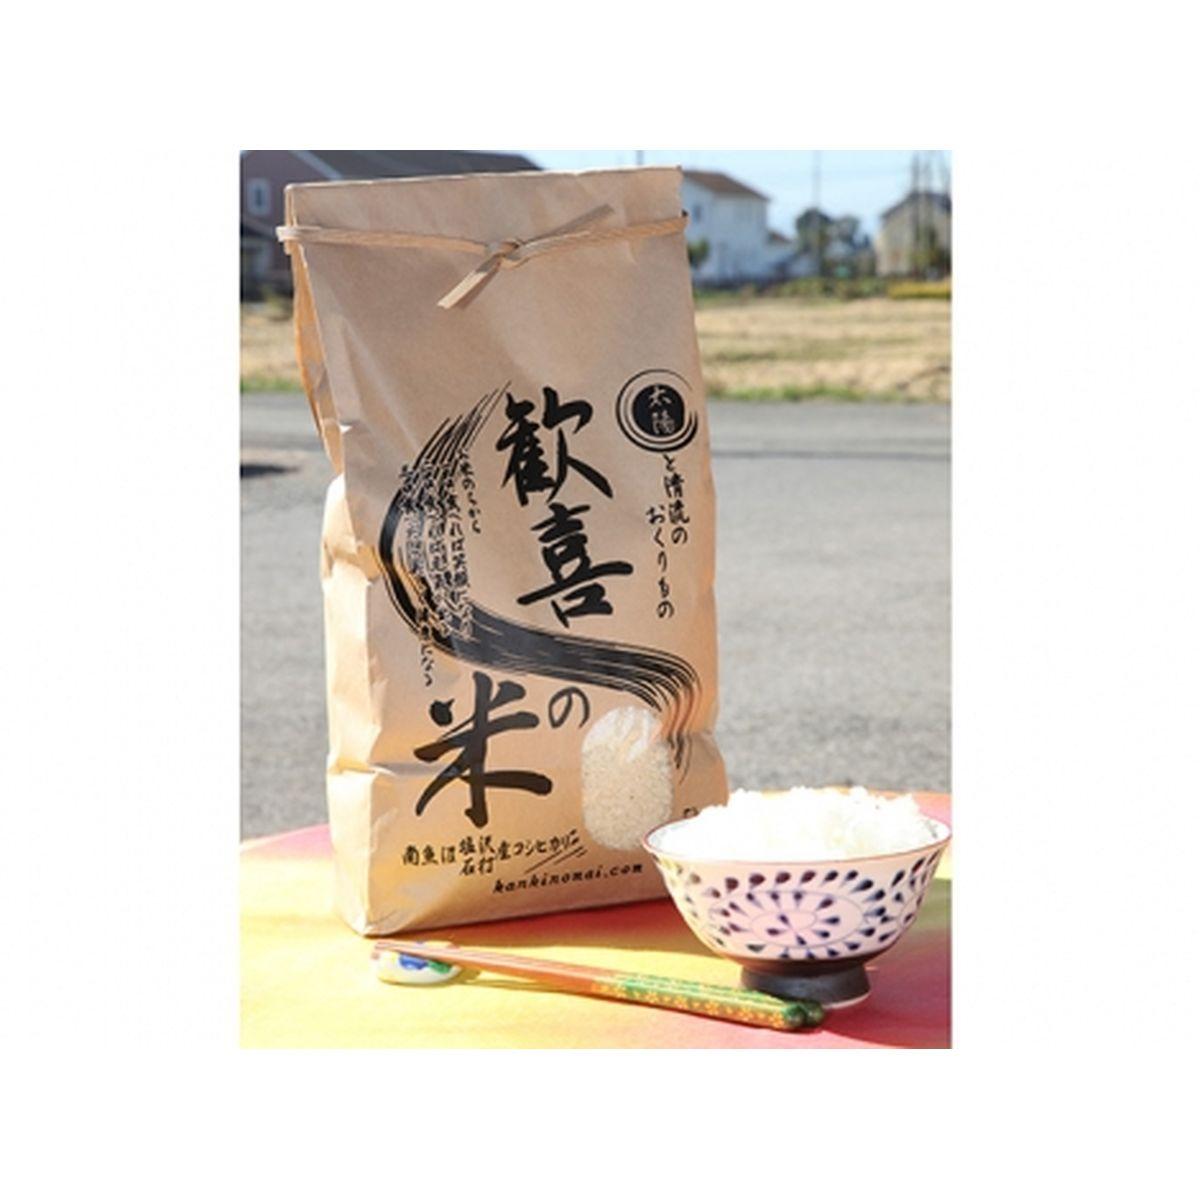 【送料無料】川辺コーポレーション 南魚沼産 令和2年産 「特A」 プレミアム歓喜の米 コシヒカリ5kg